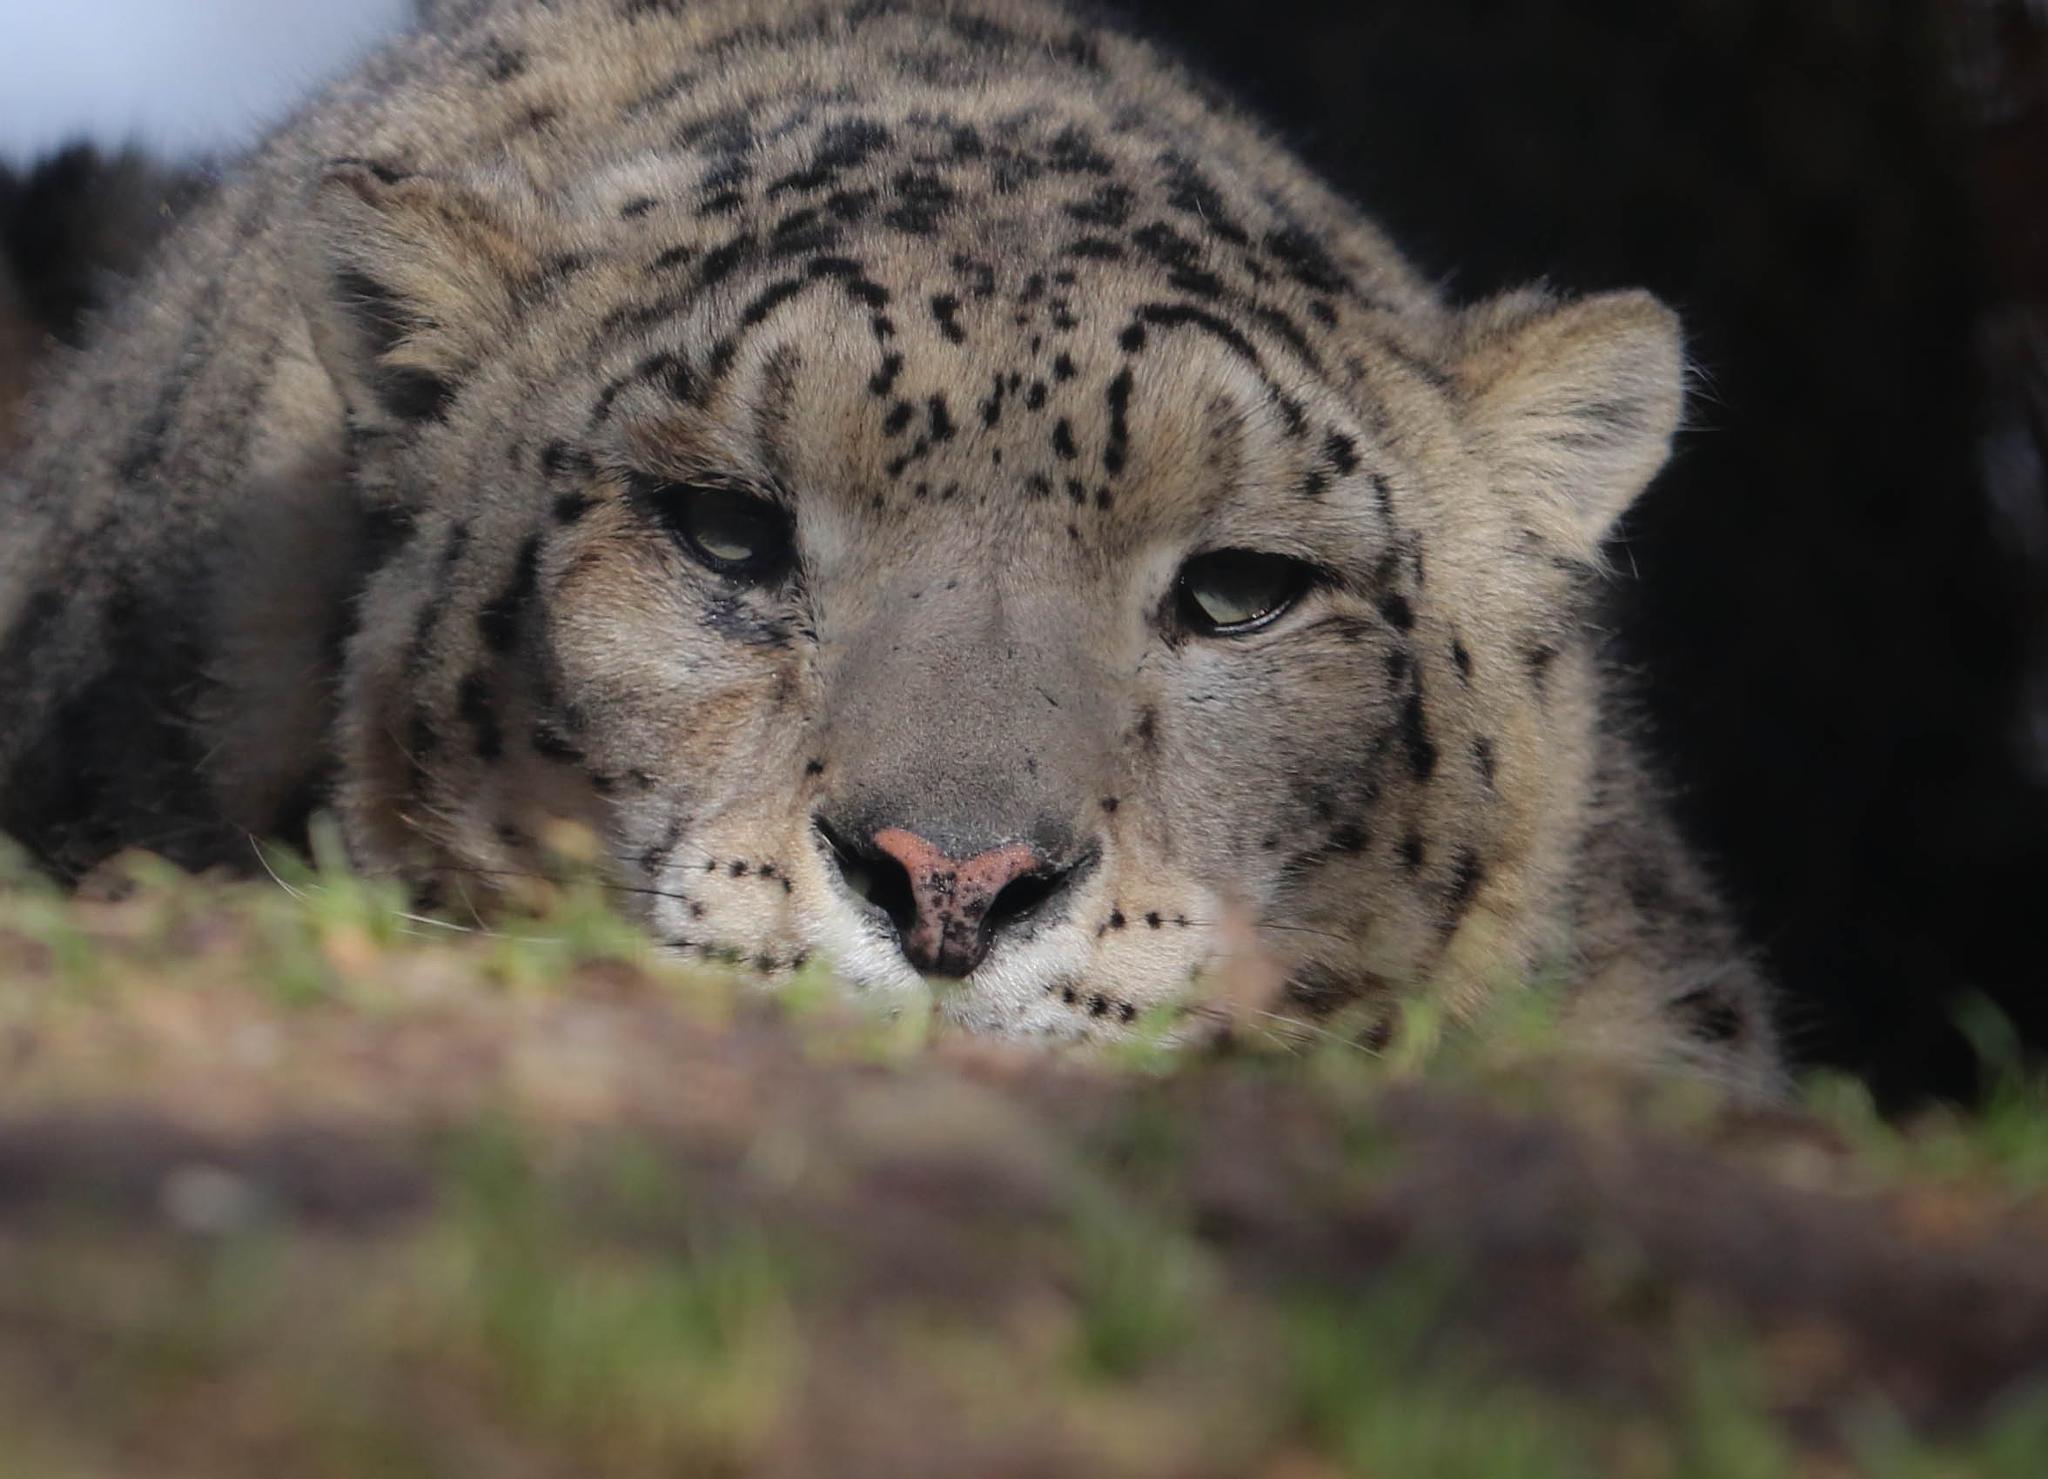 snow leopard by emmanuel liegeois